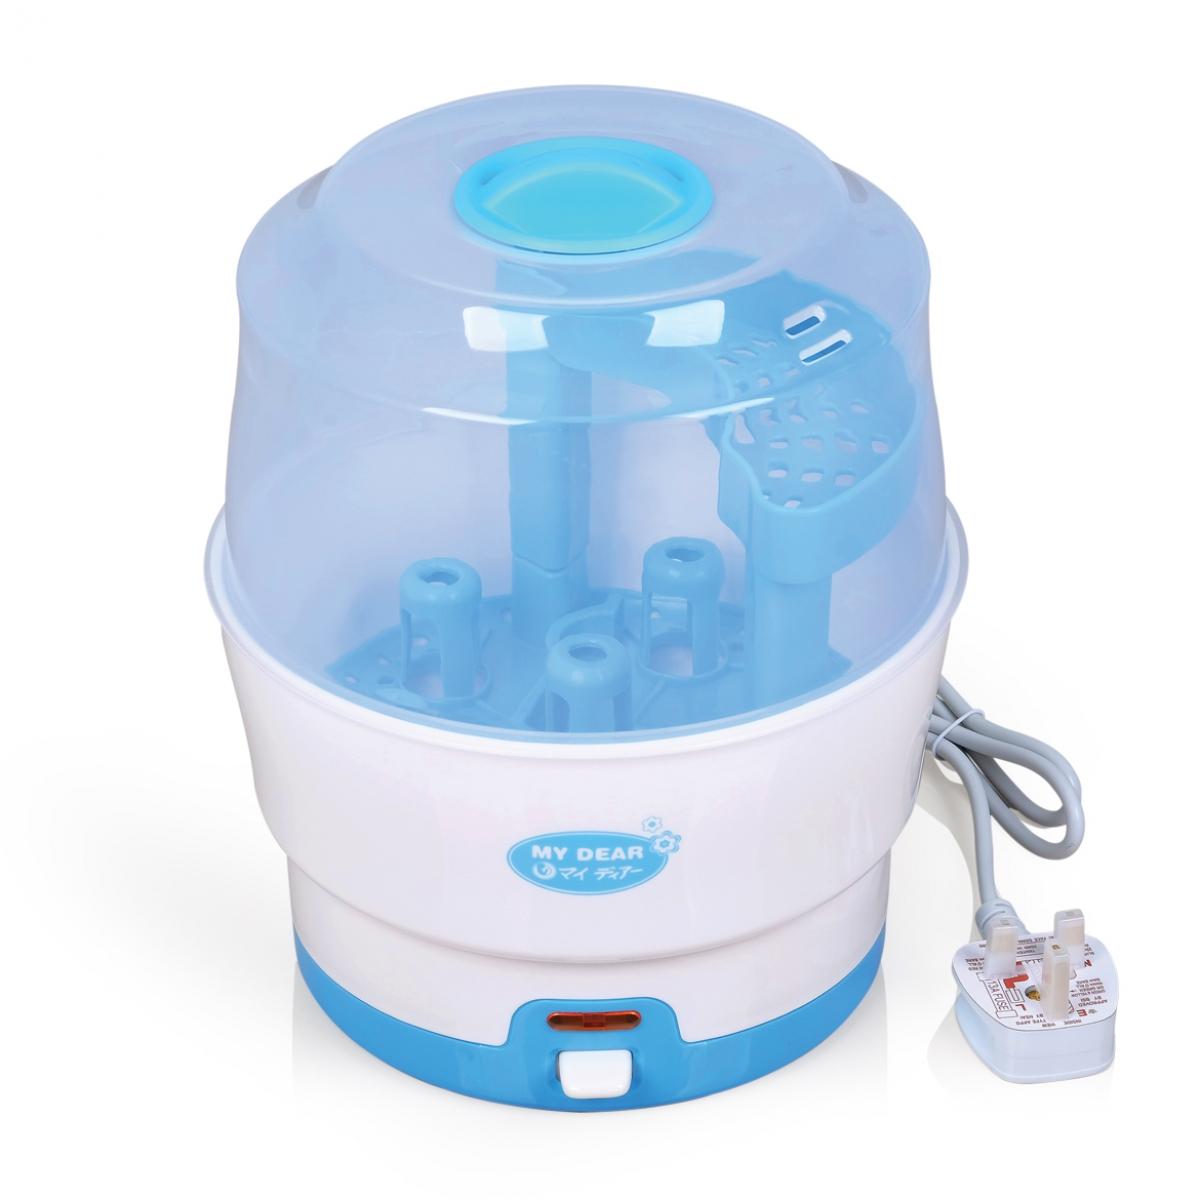 36006 Bottle Sterilizer Warmer Appliance